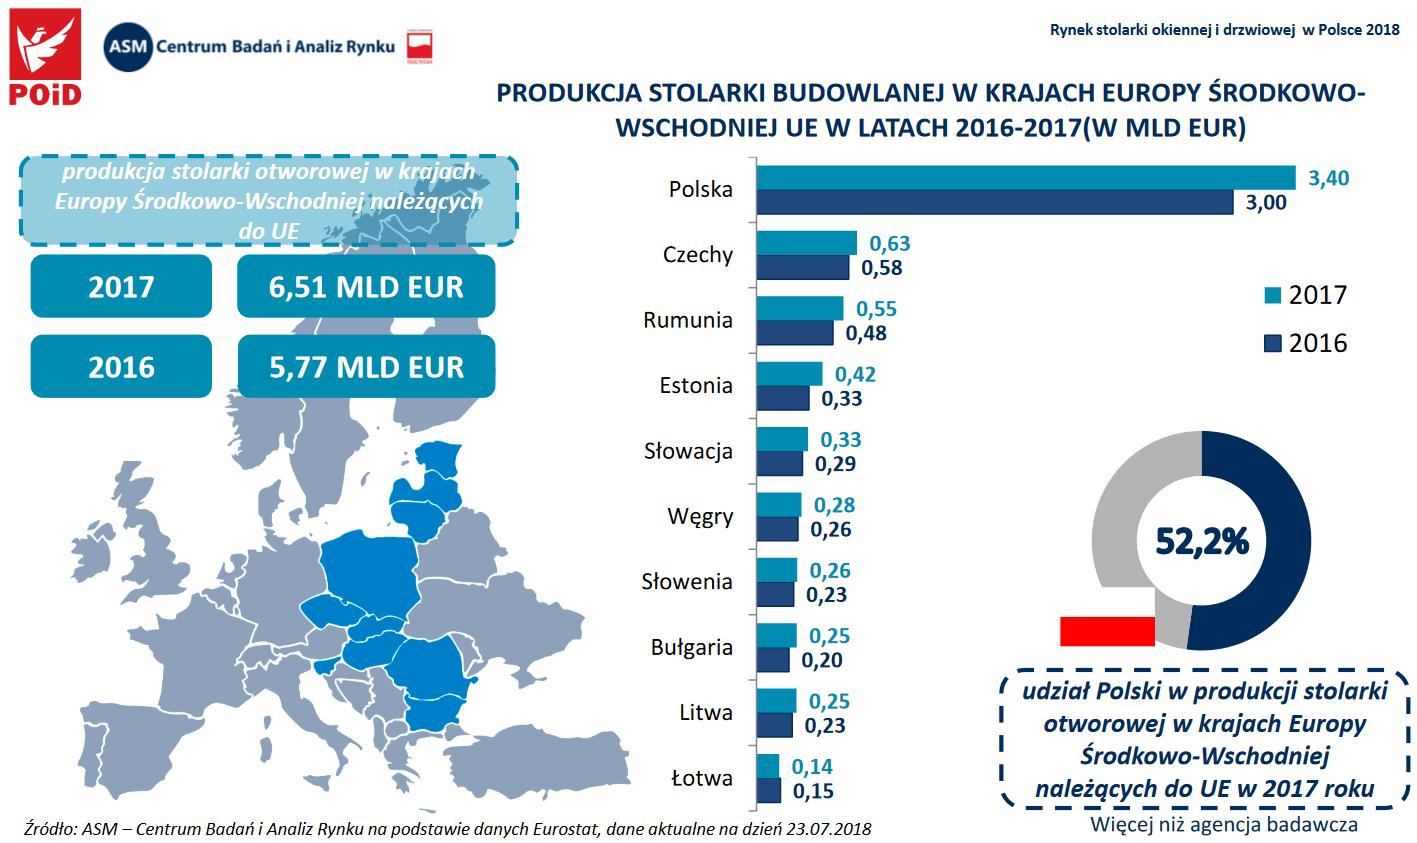 Produkcja stolarki budowalnej - okien i drzwi w Polsce w miliardach euro - dane z rynku